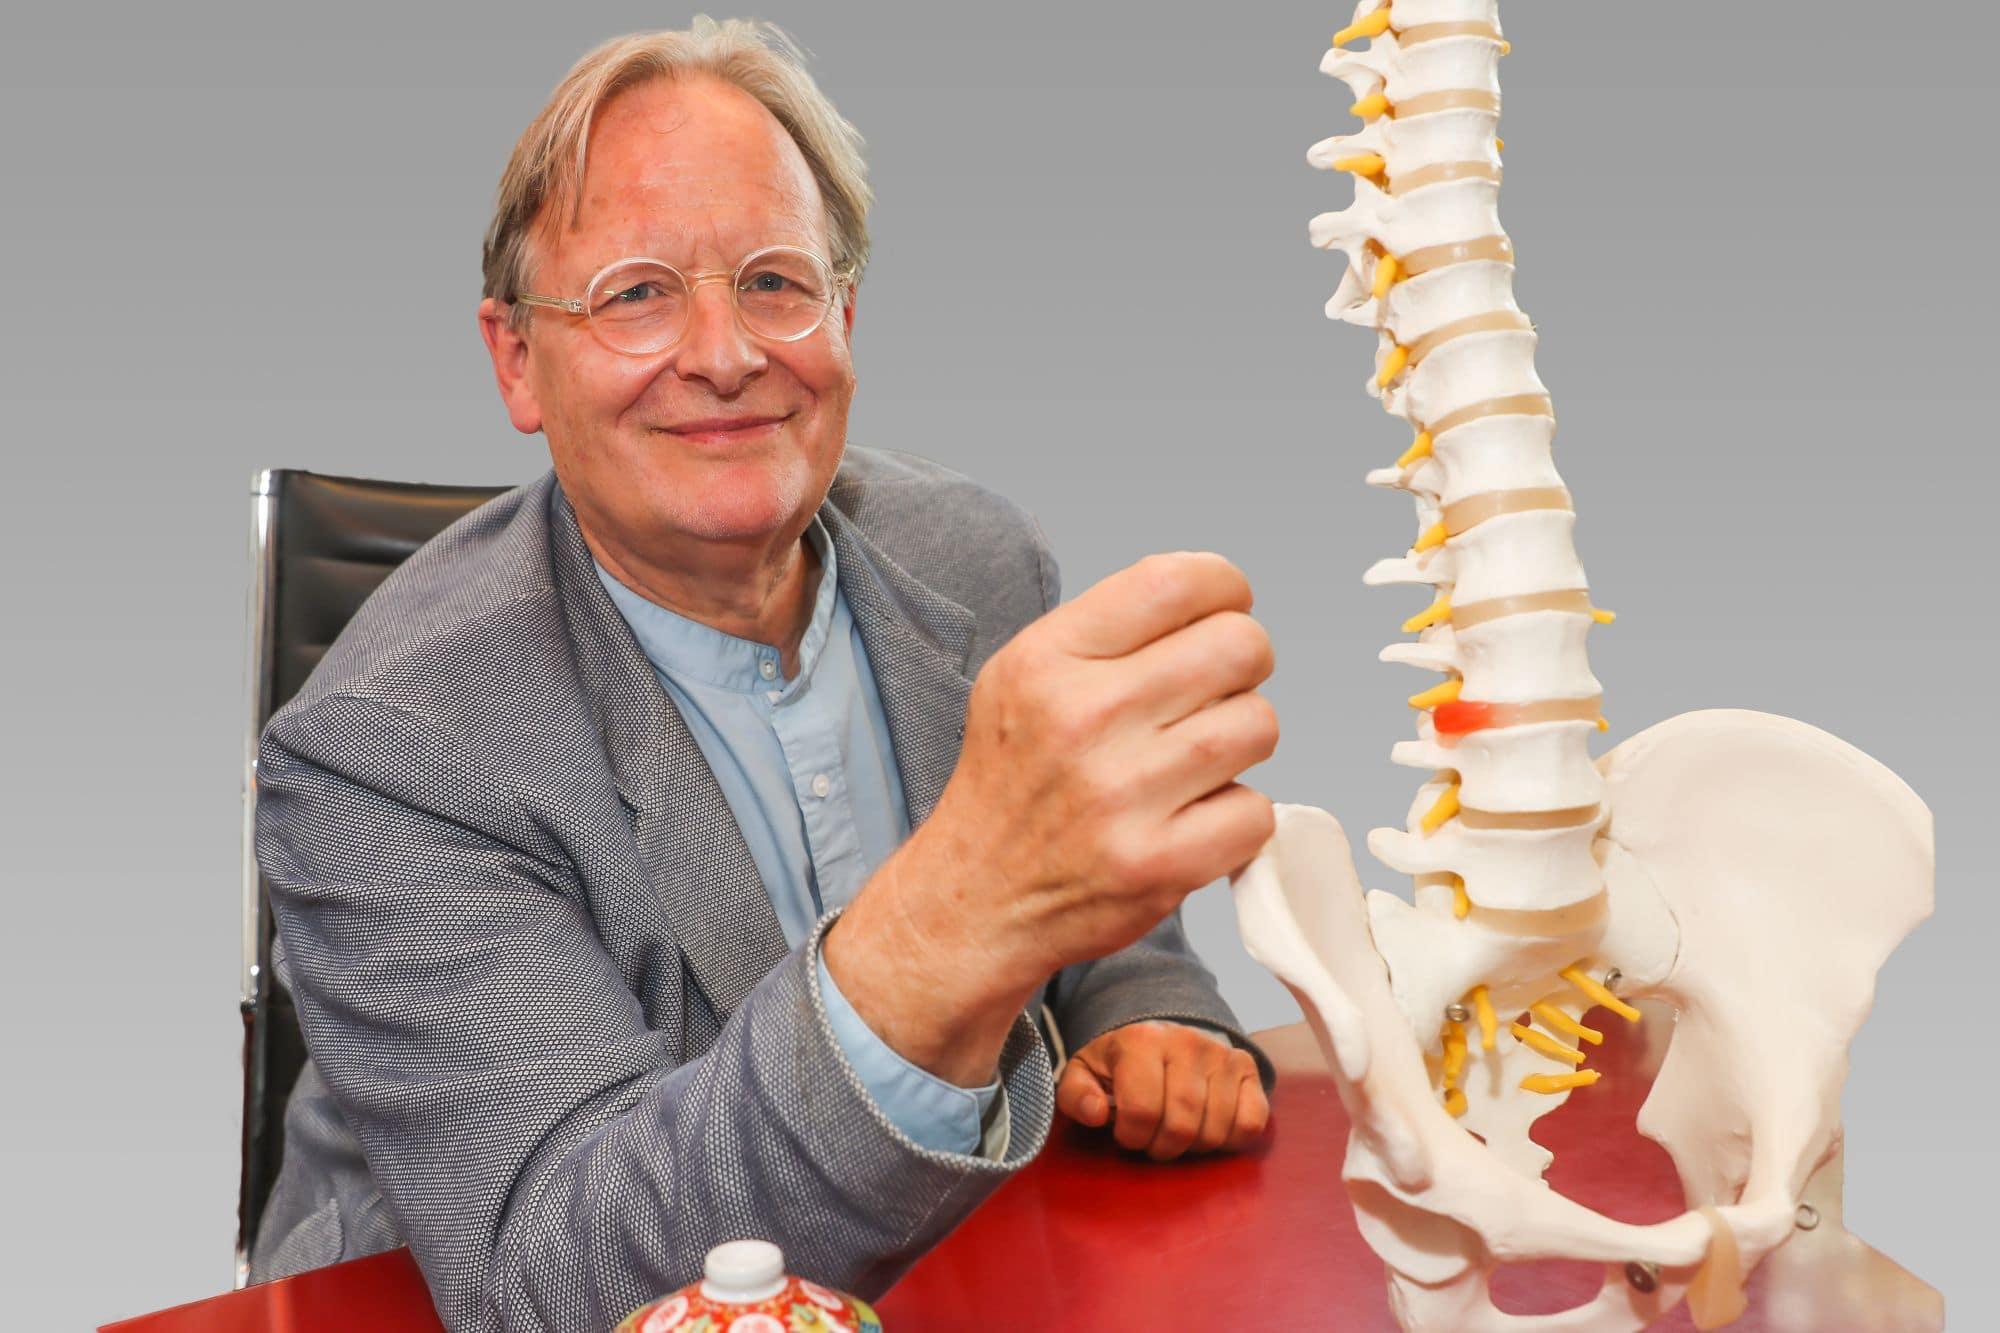 Prof. Dr. Dietrich Grönemeyer mit dem Modell  einer Wirbelsäule, das einen Bandscheibenvorfall darstellt. (Foto: Stephan Schütze)